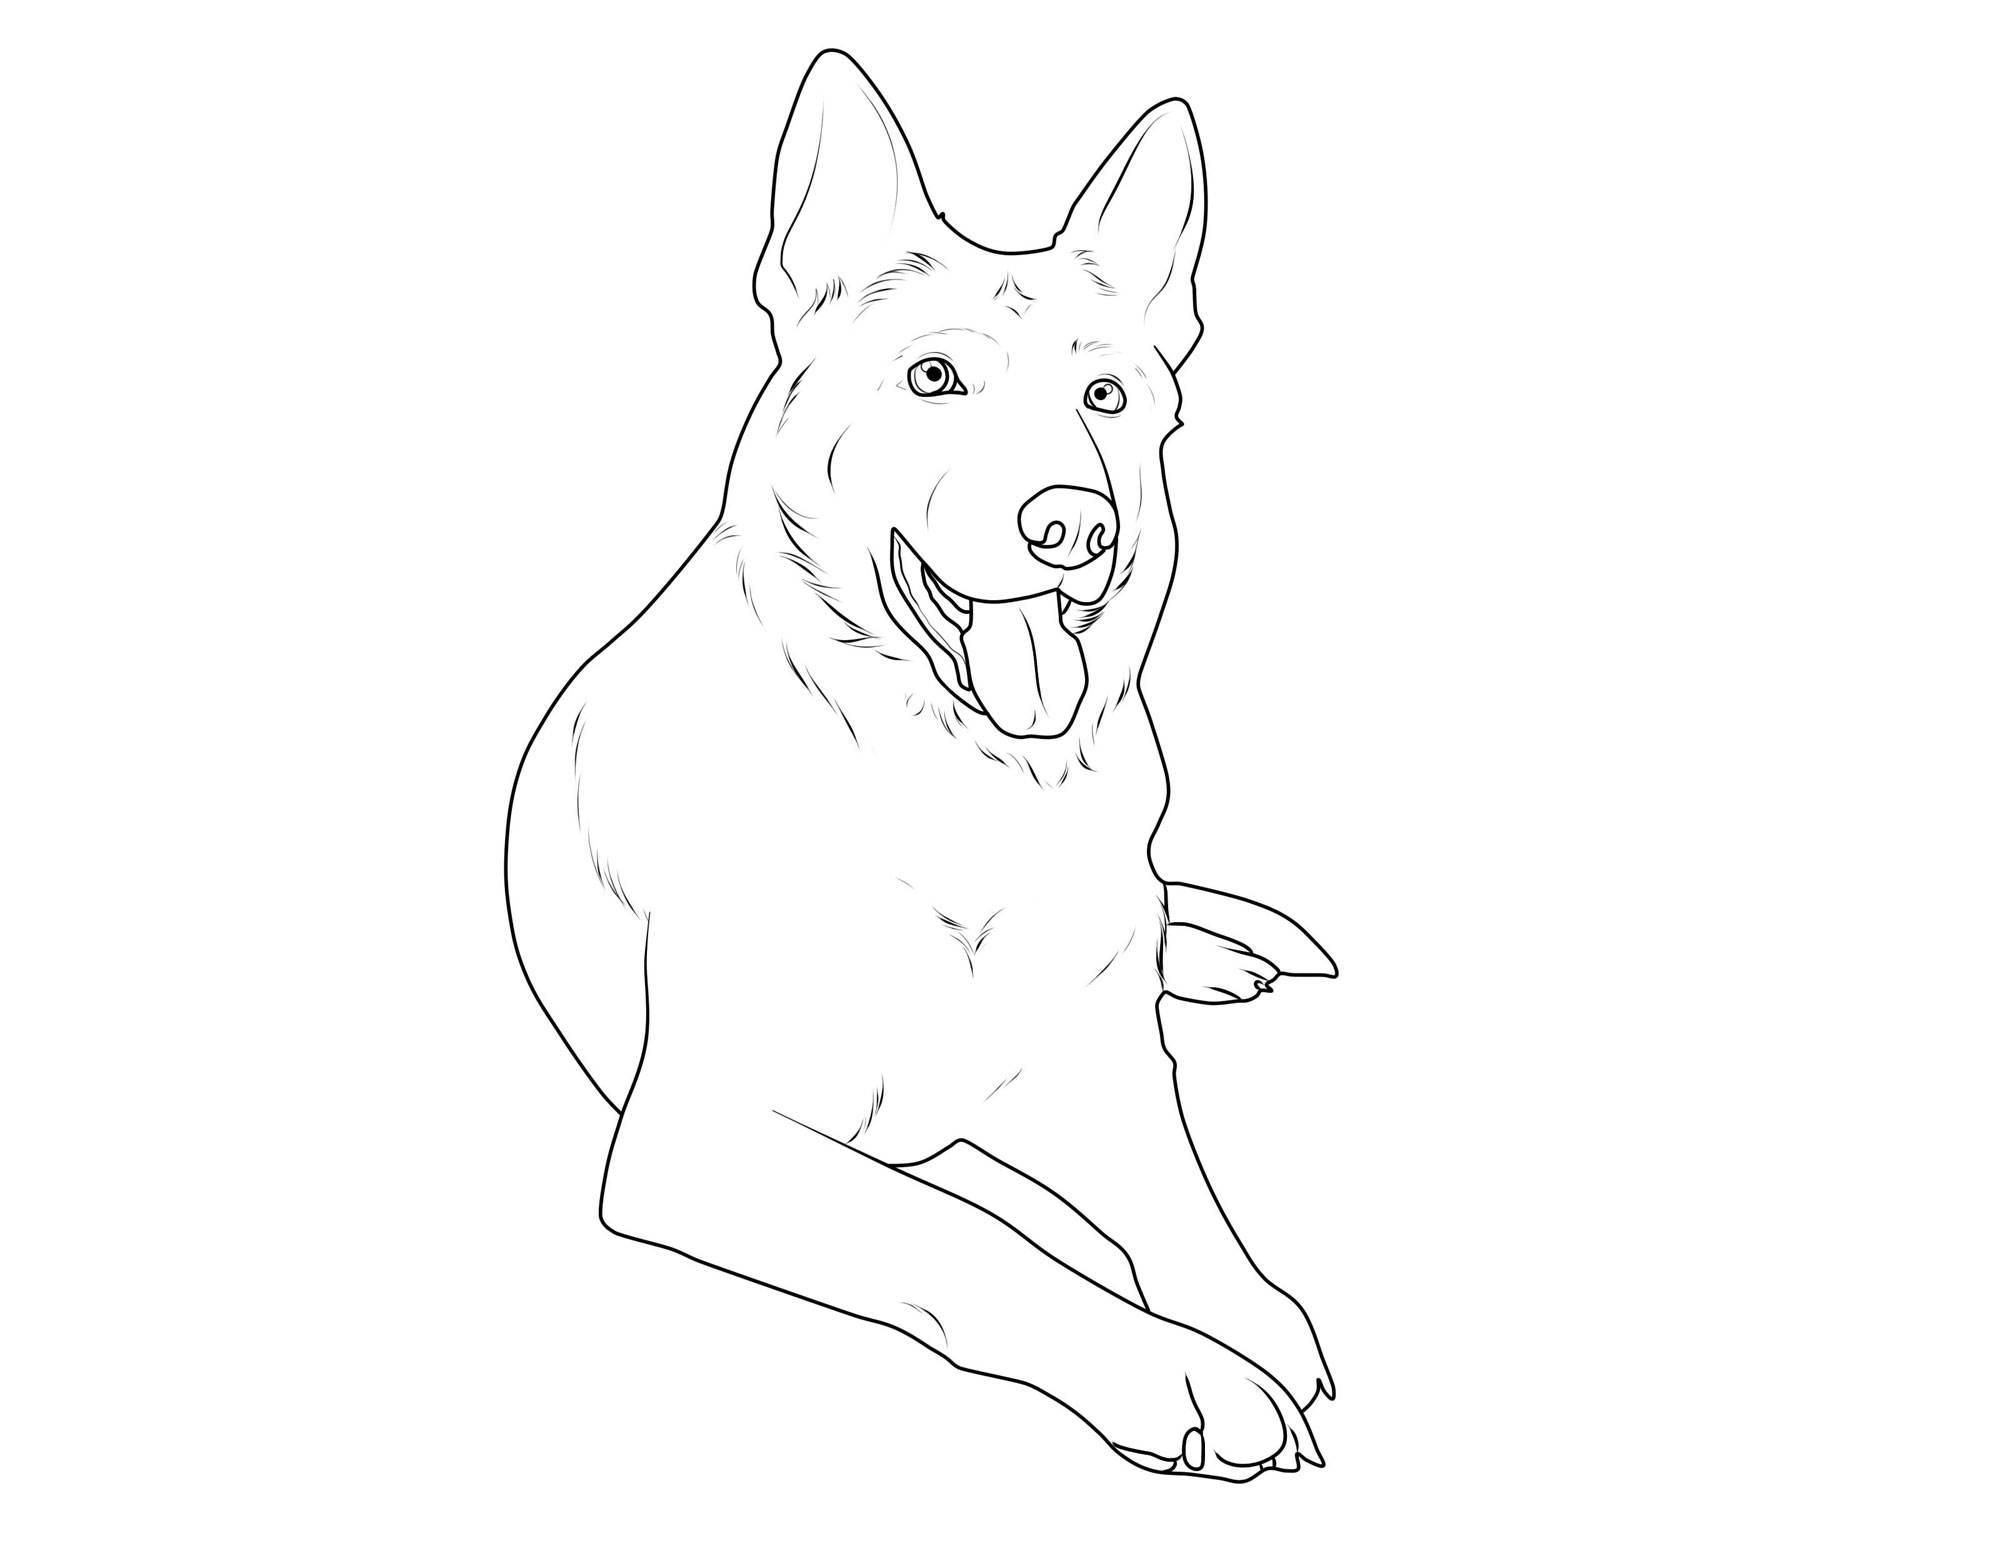 Atemberaubend Malvorlagen Von Hunden Ausdrucken Fotos - Druckbare ...